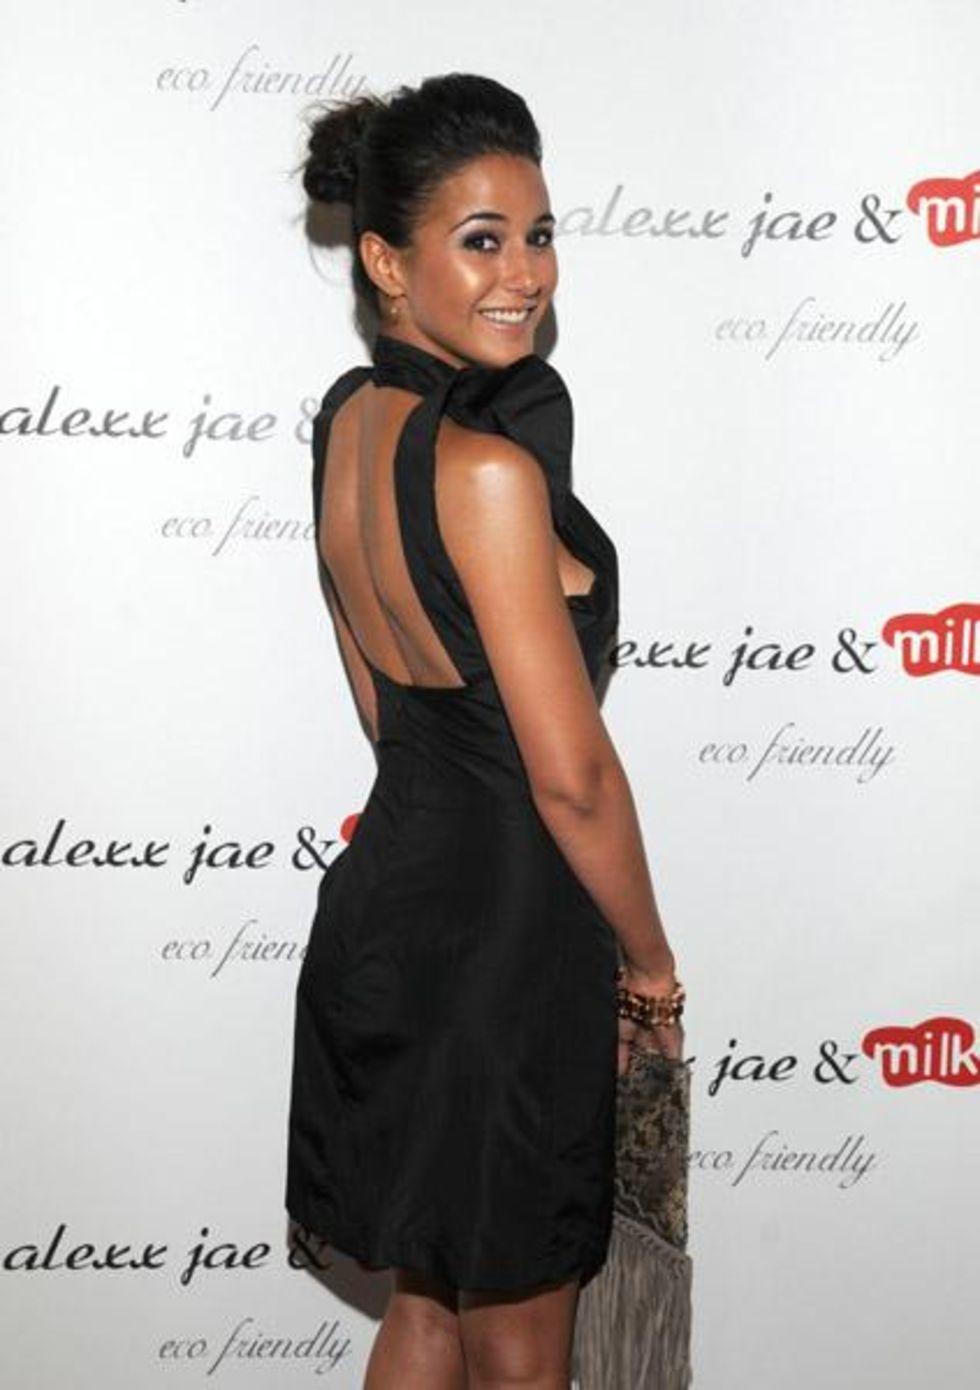 Emmanuelle Chriqui 2010 : emmanuelle-chriqui-cleavage-at-alexx-jae-milk-fw10-collection-launch-party-2010-01